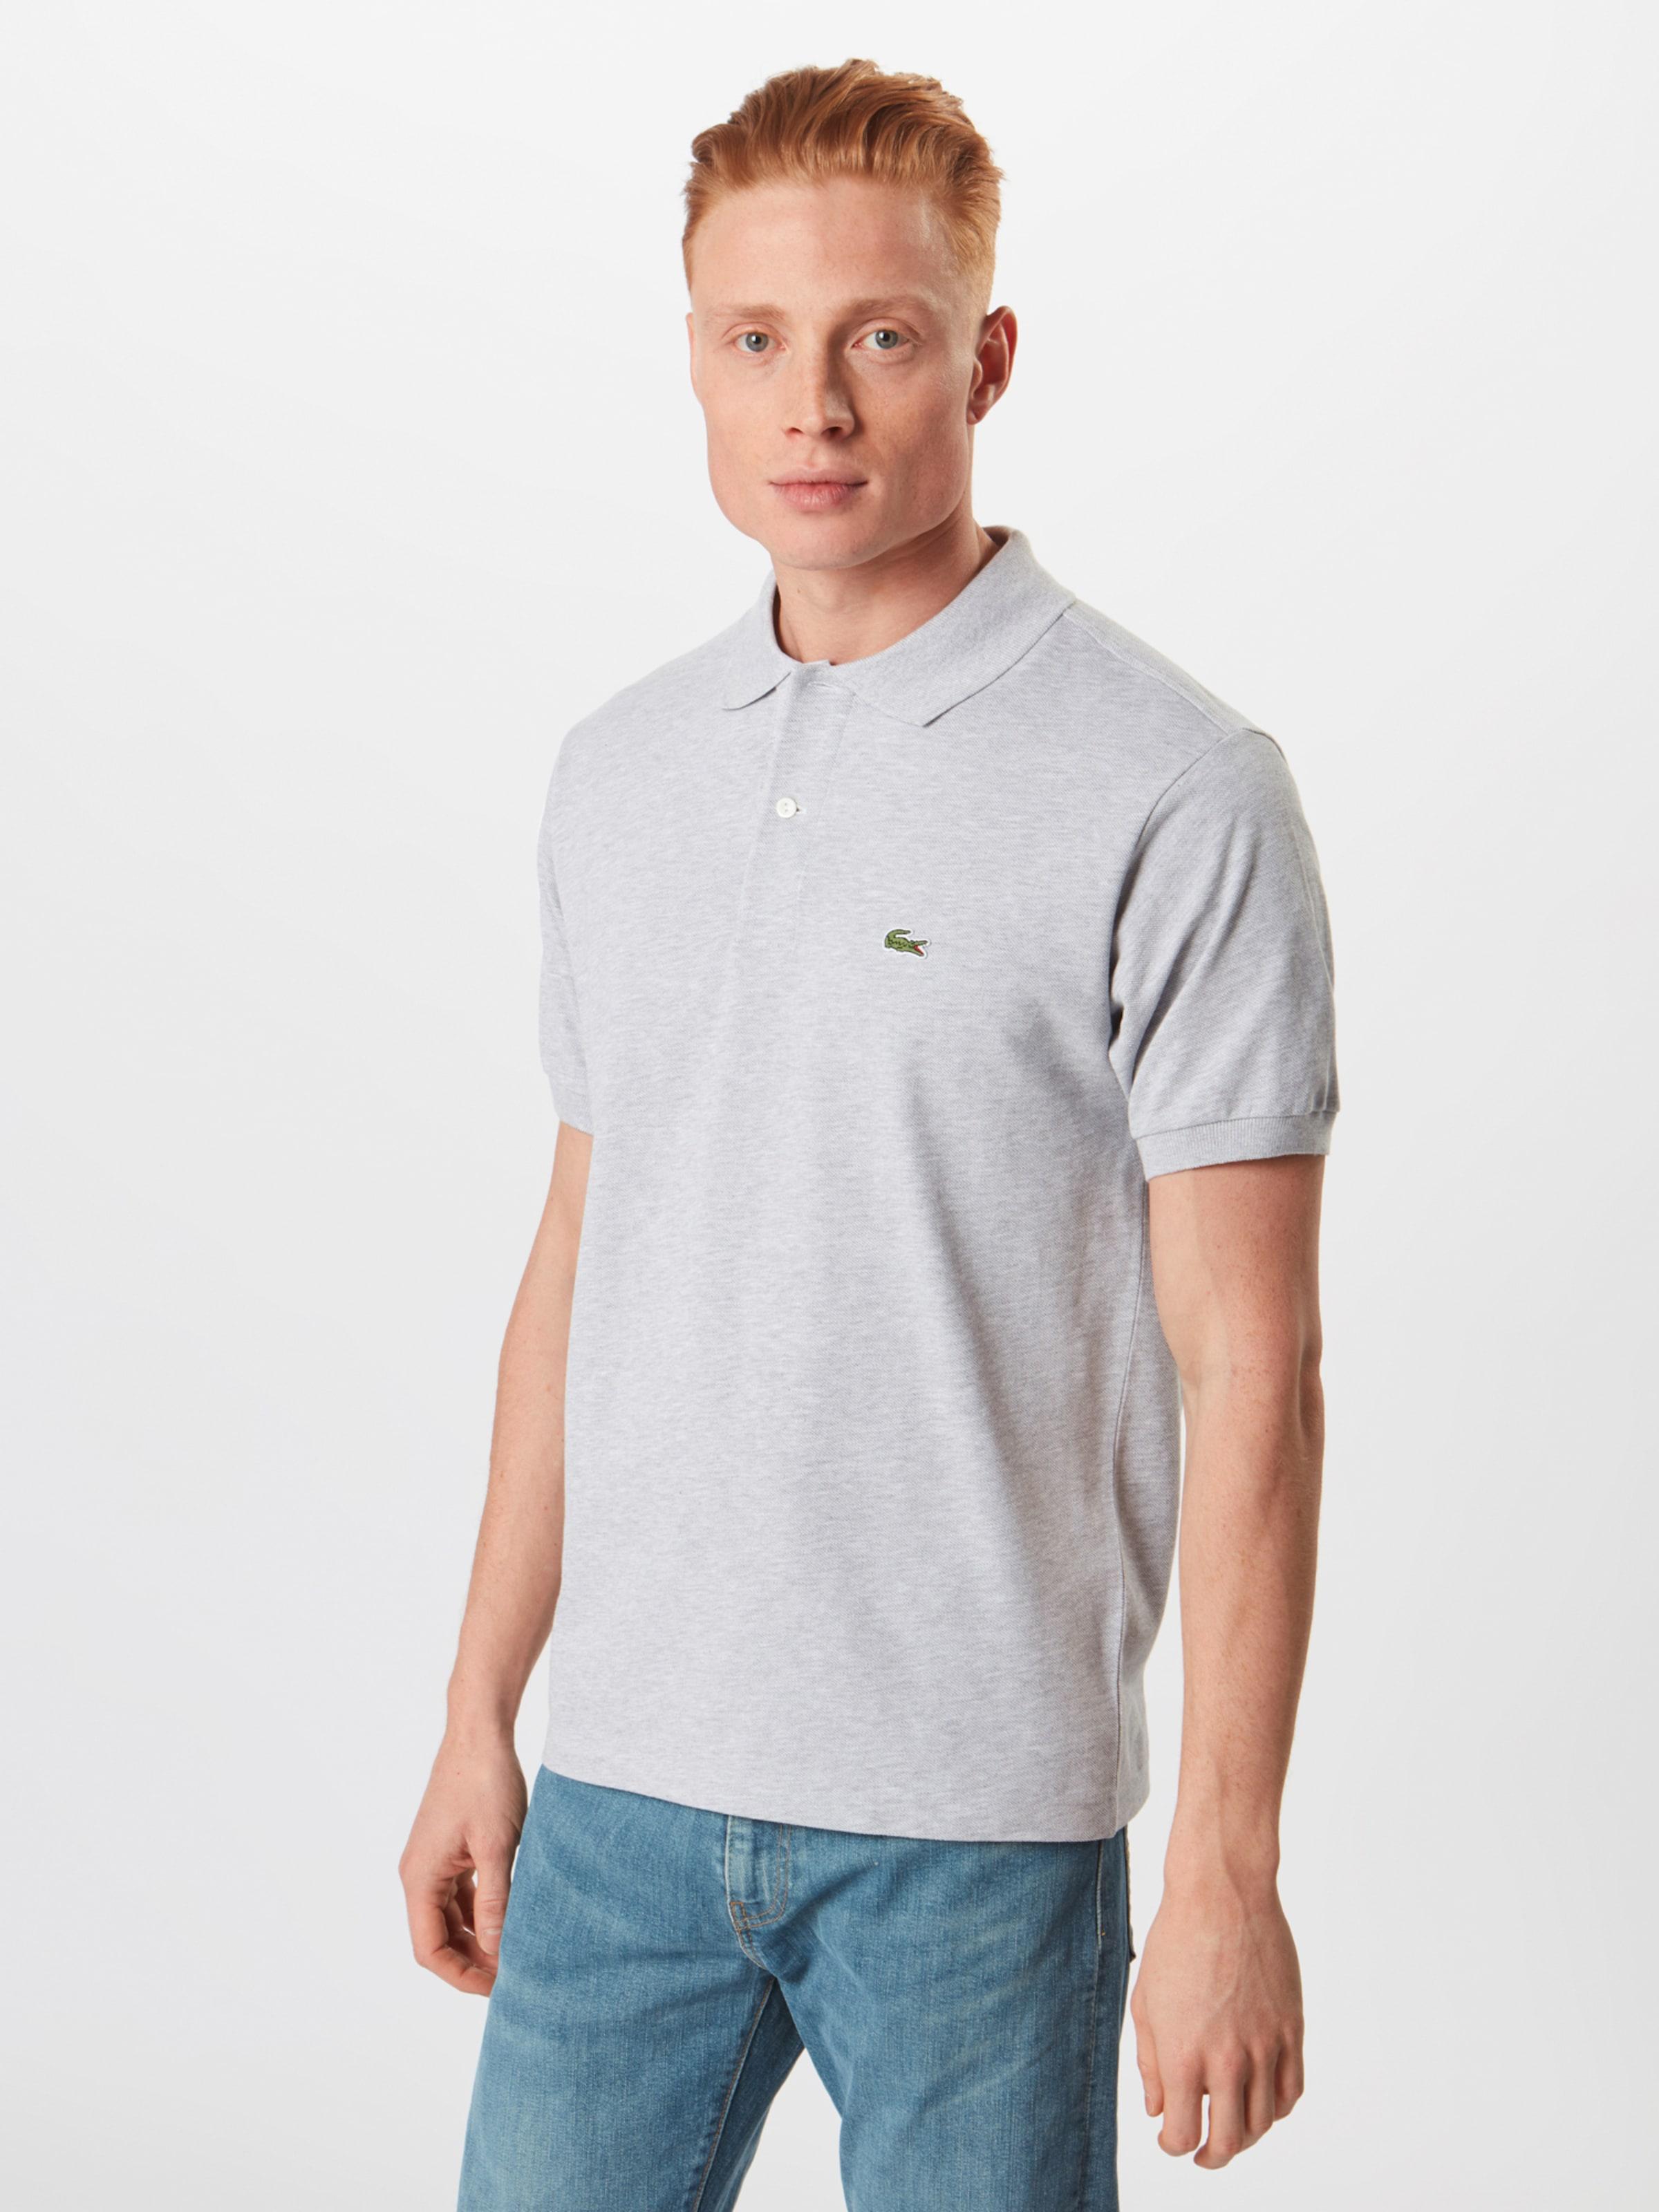 T shirt Gris En Lacoste Chiné EHIWD9Y2